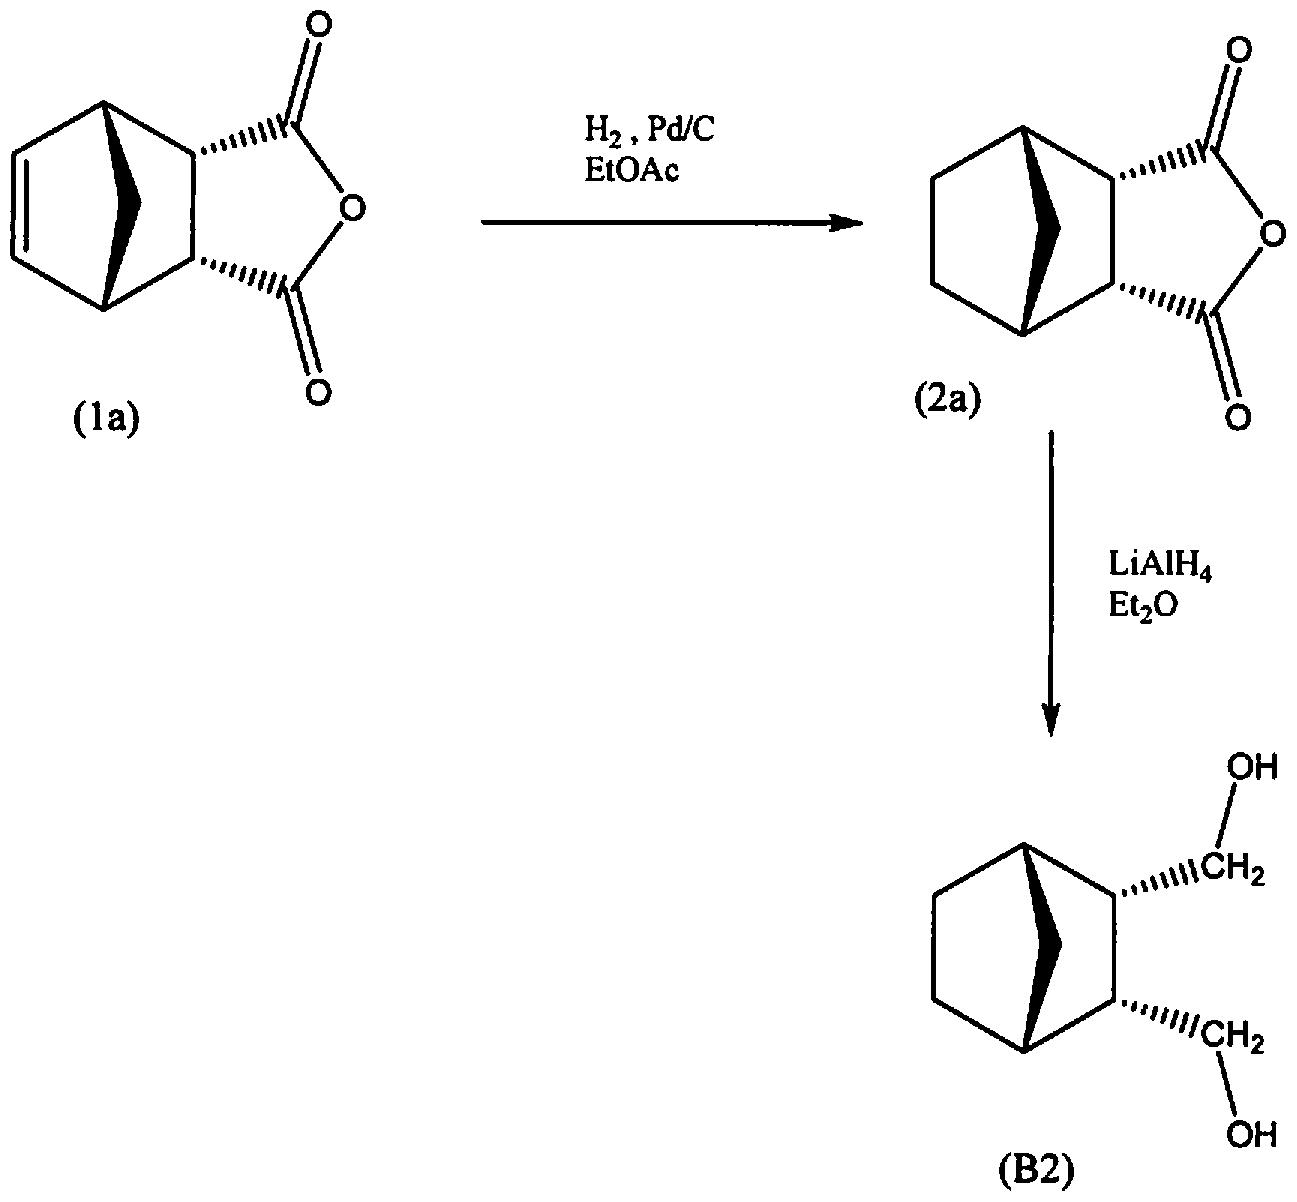 norbornene-5,6-dicarboxylic acid